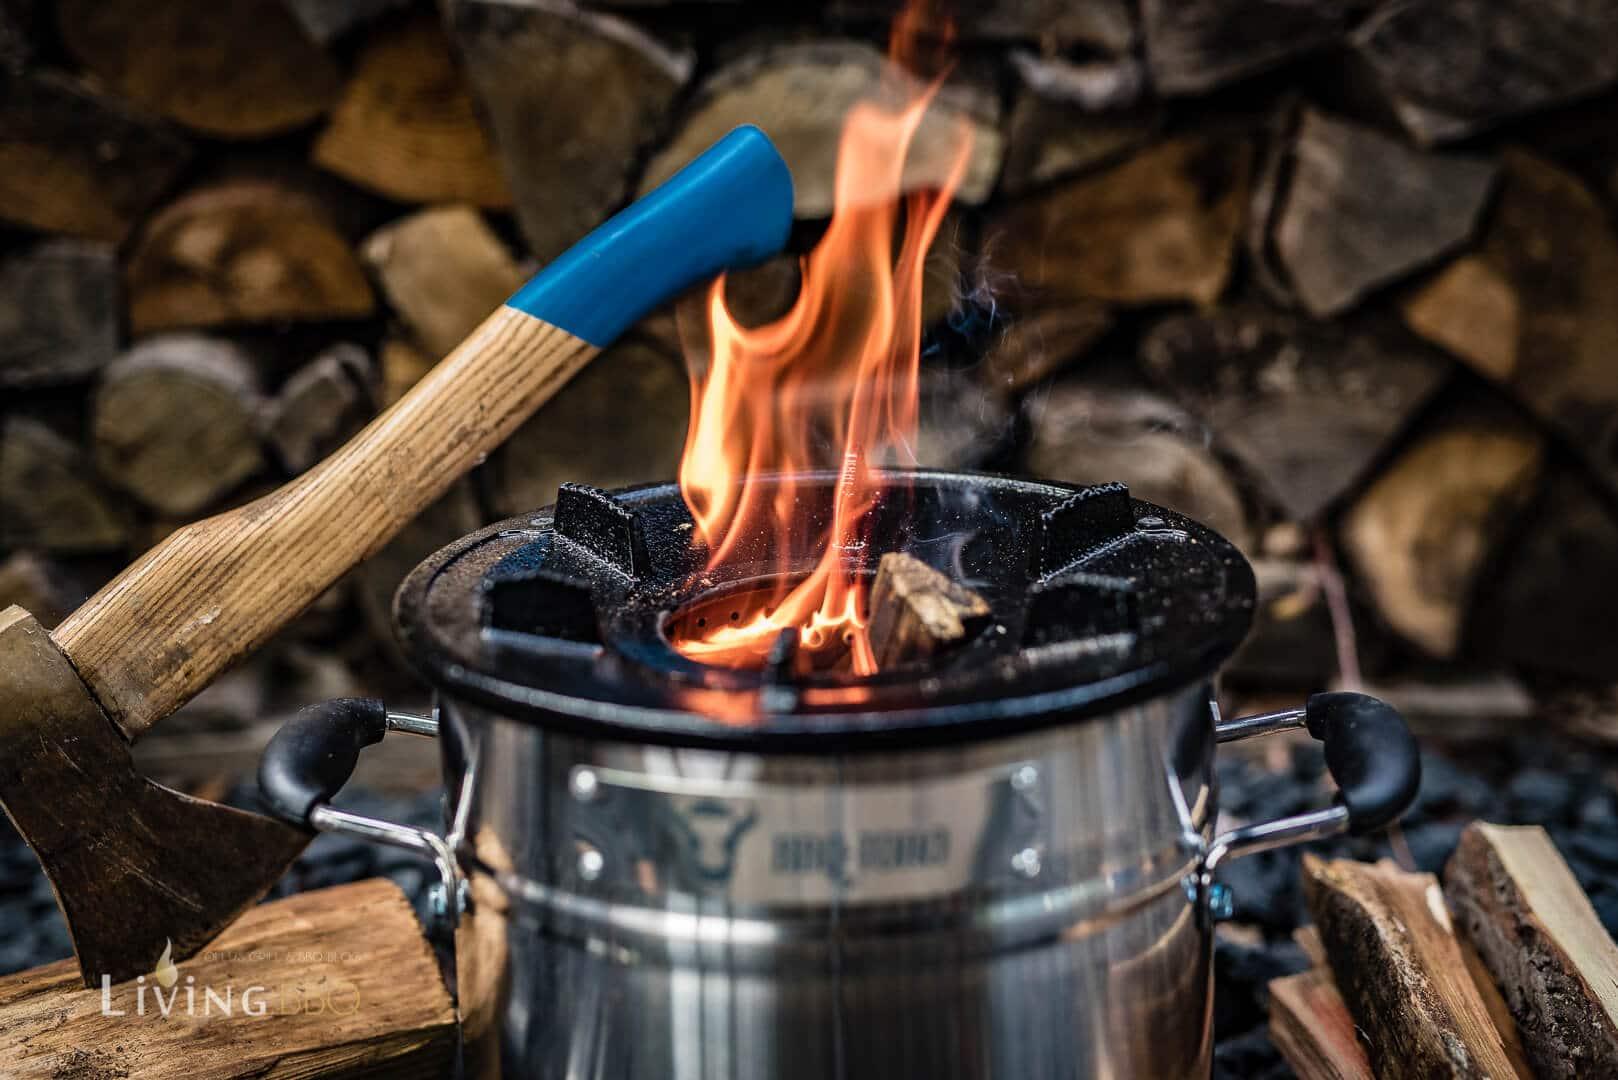 Holzfeuer im Raketenofen _Raketen Ofen 14 von 32